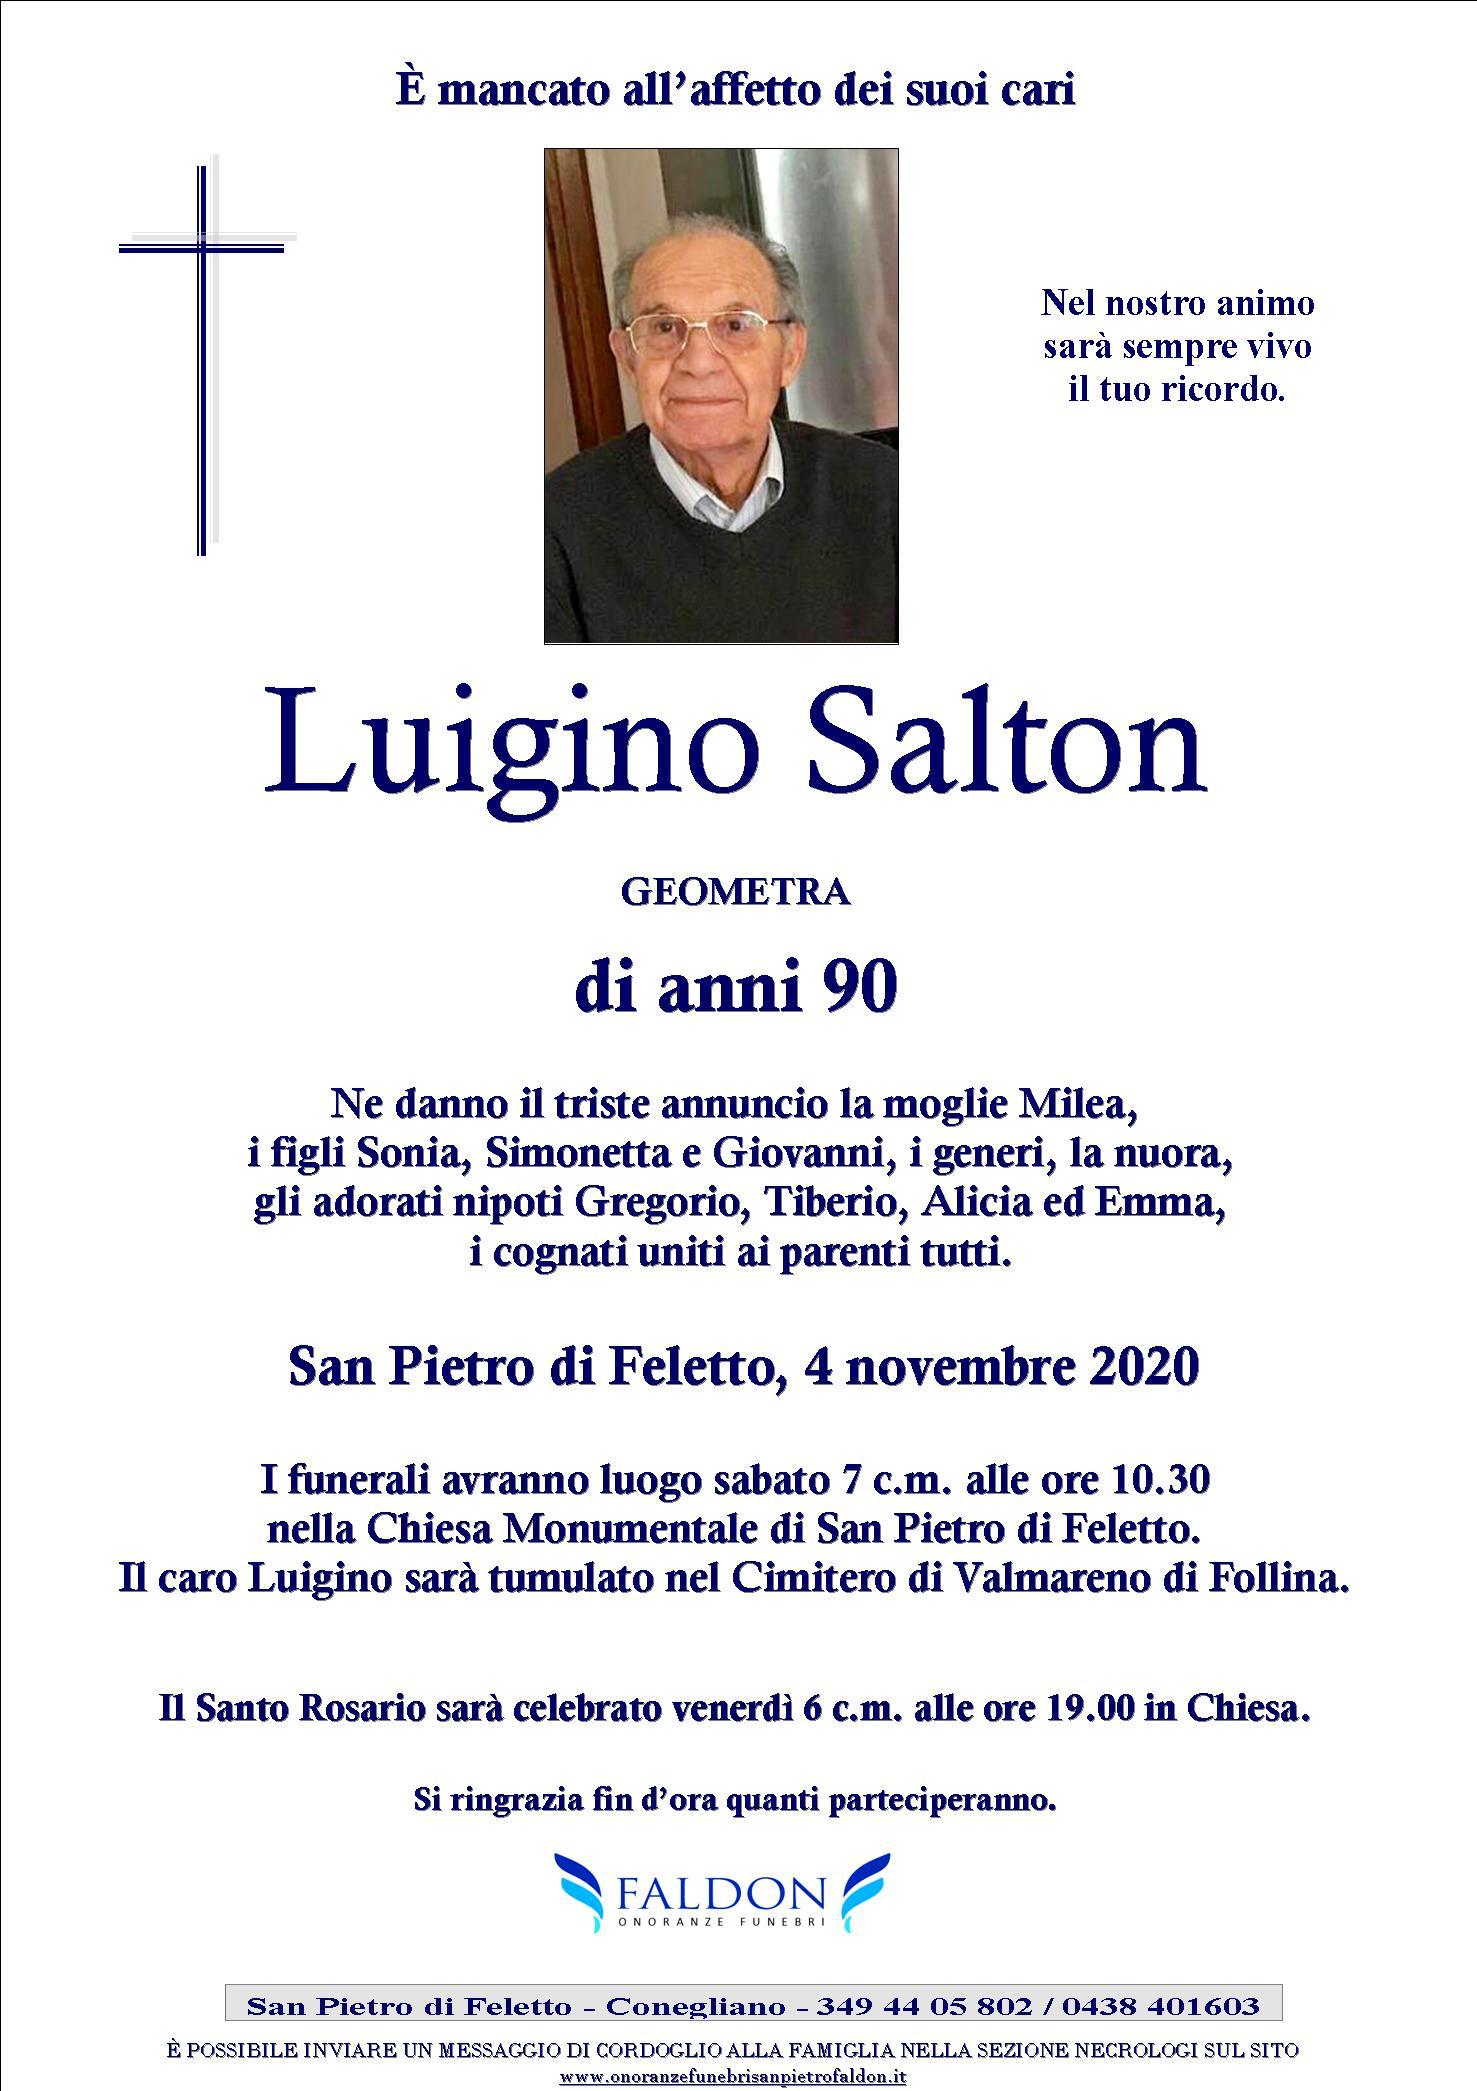 Luigino Salton